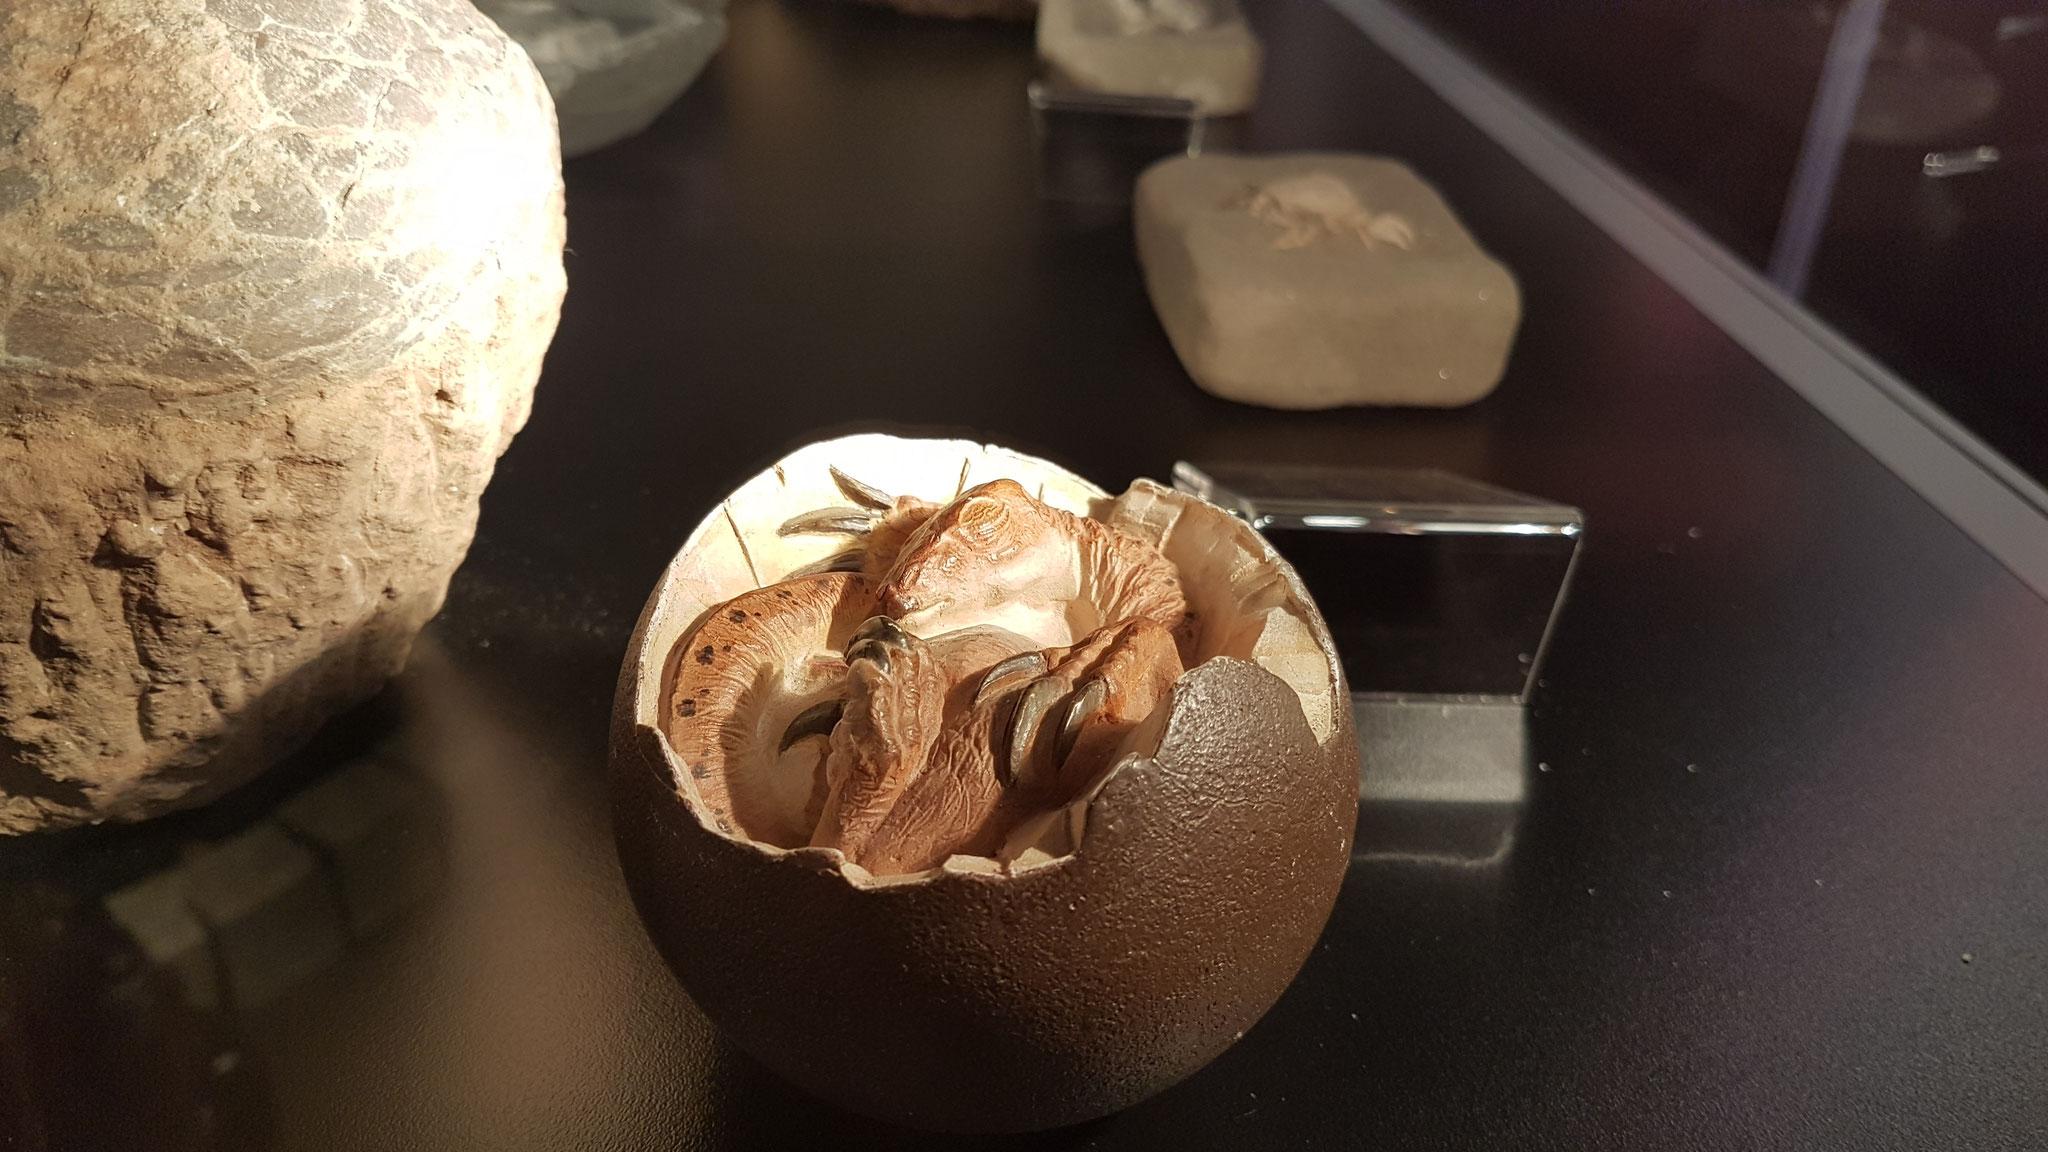 Ein kleines Dino-Ei